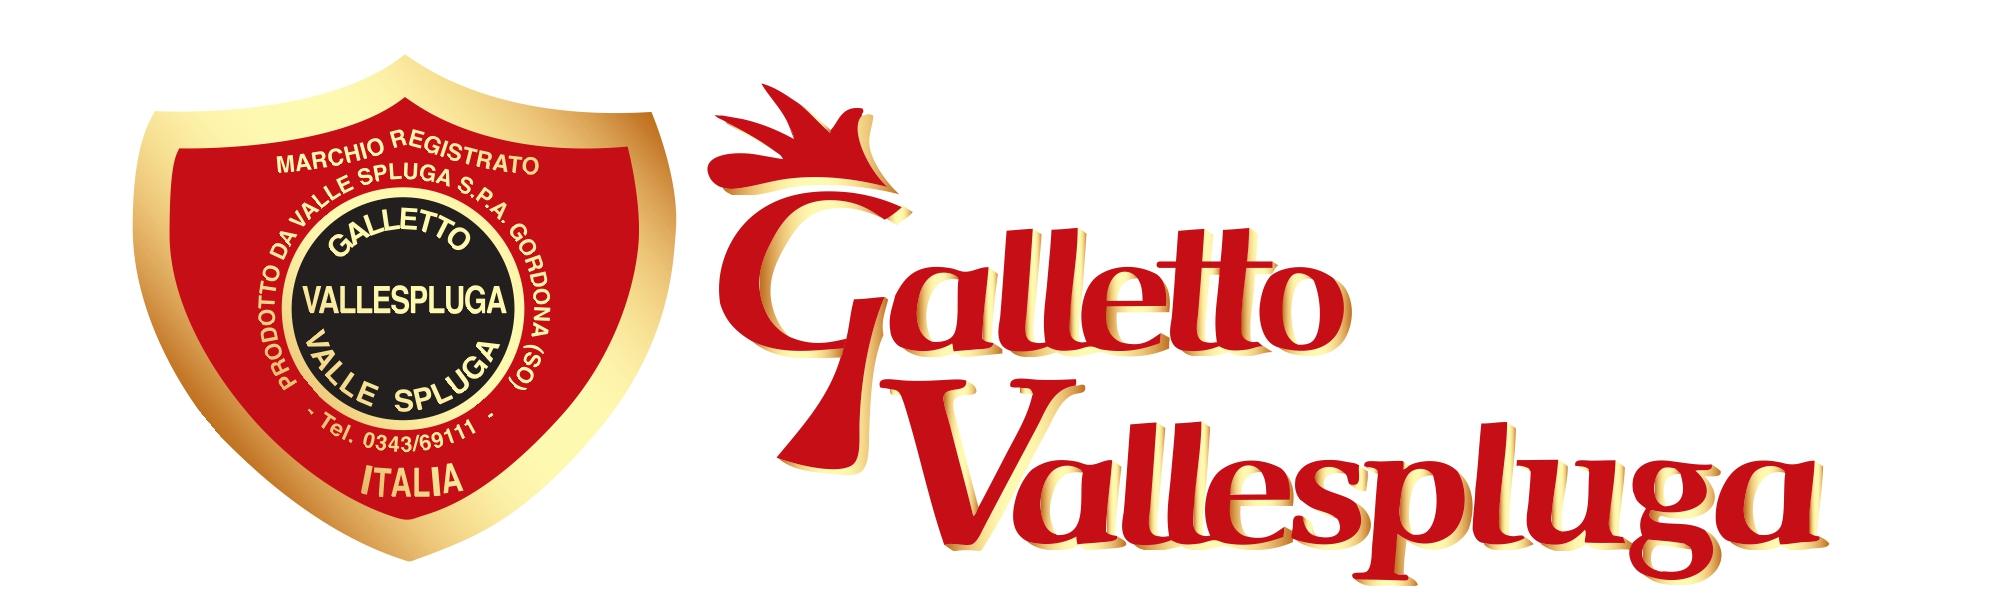 Galletto Vallespluga_Scudetto e scritta_logo HD_2020_DEF_page-0001